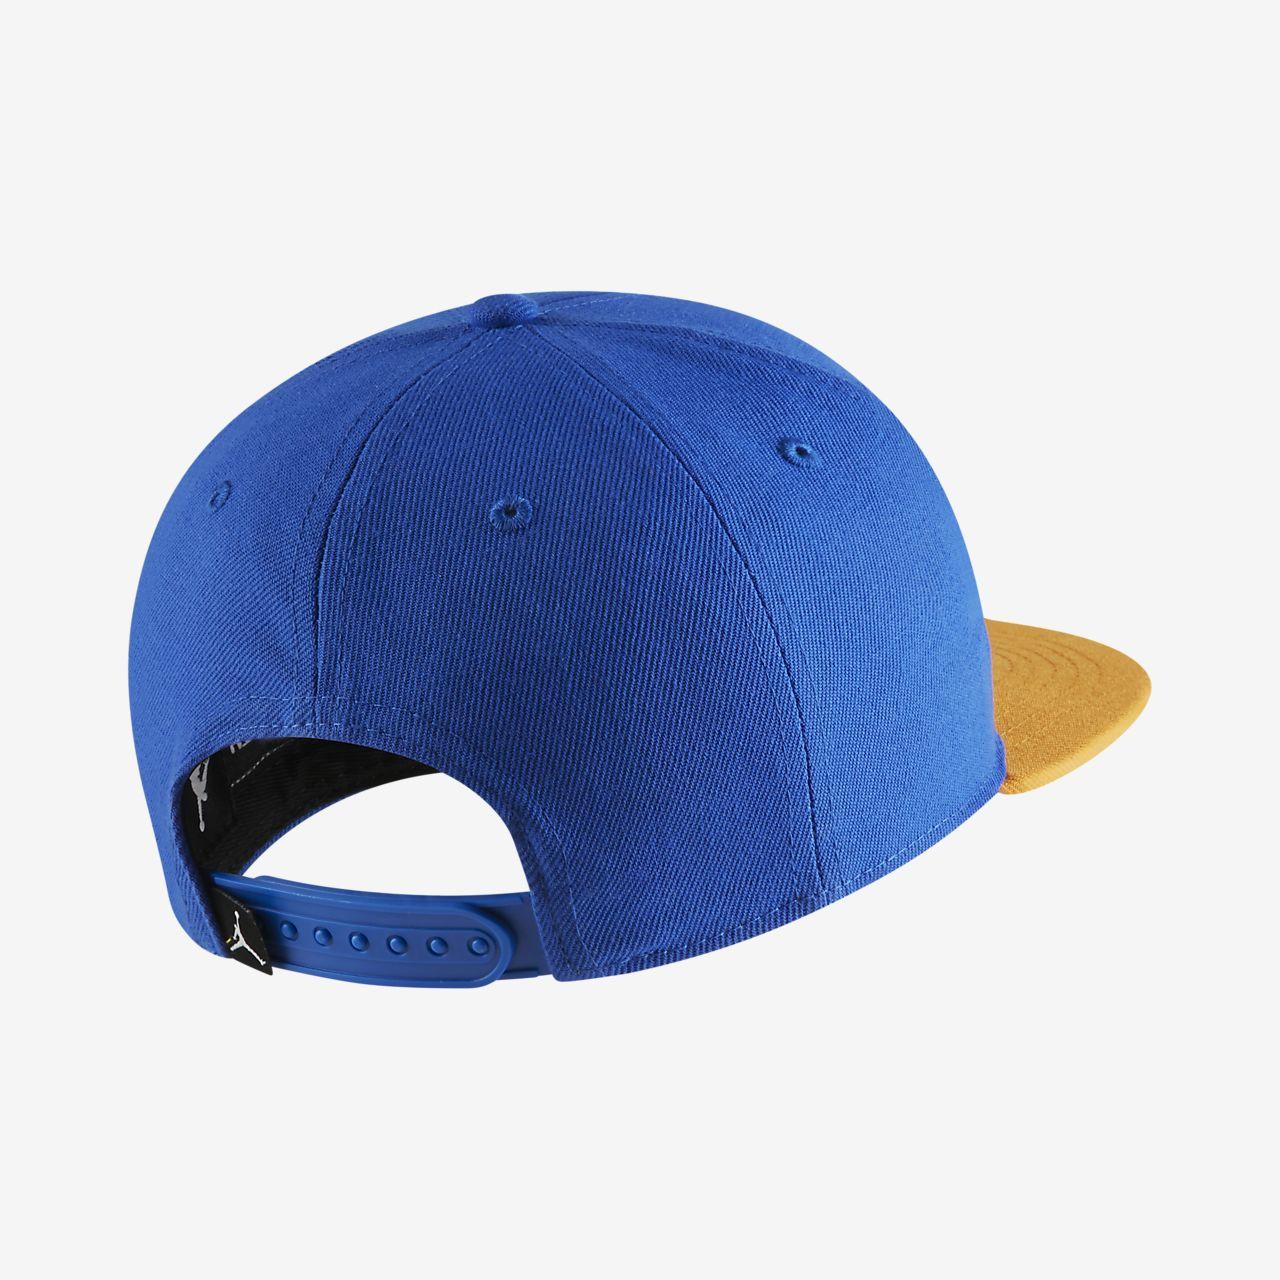 0728a3b28262be Jordan Jumpman Kids  Adjustable Hat. Nike.com NL